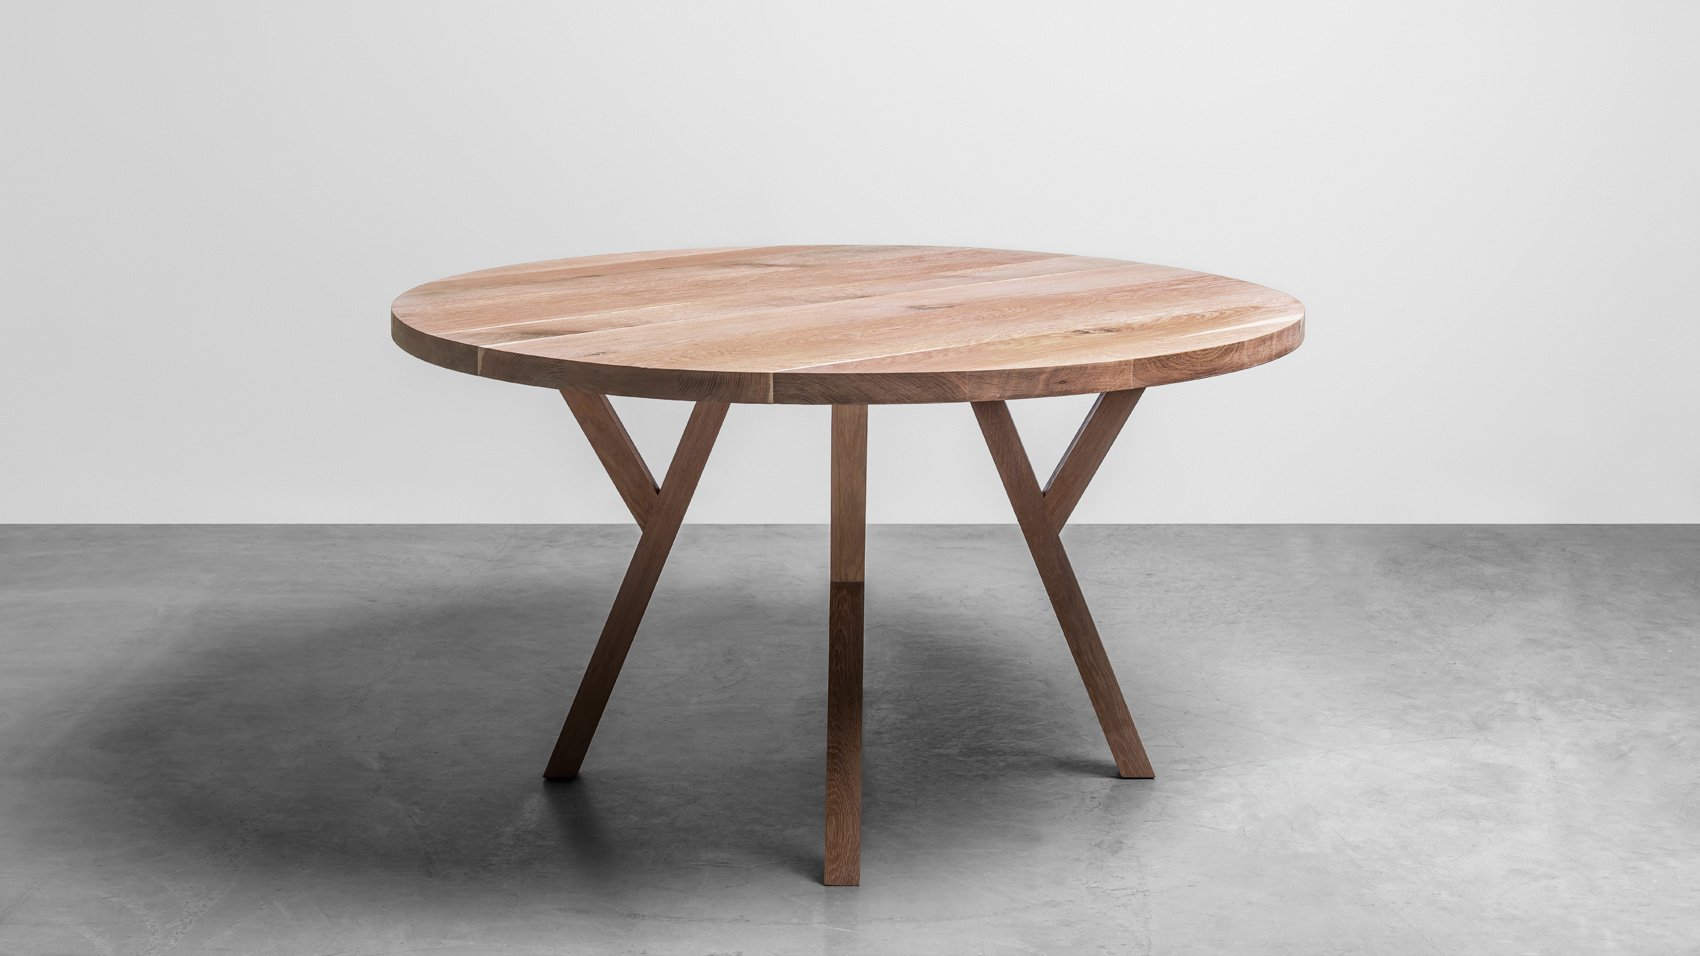 Okrągły stół z drewna dębowego - Stół Gloria od Hoom